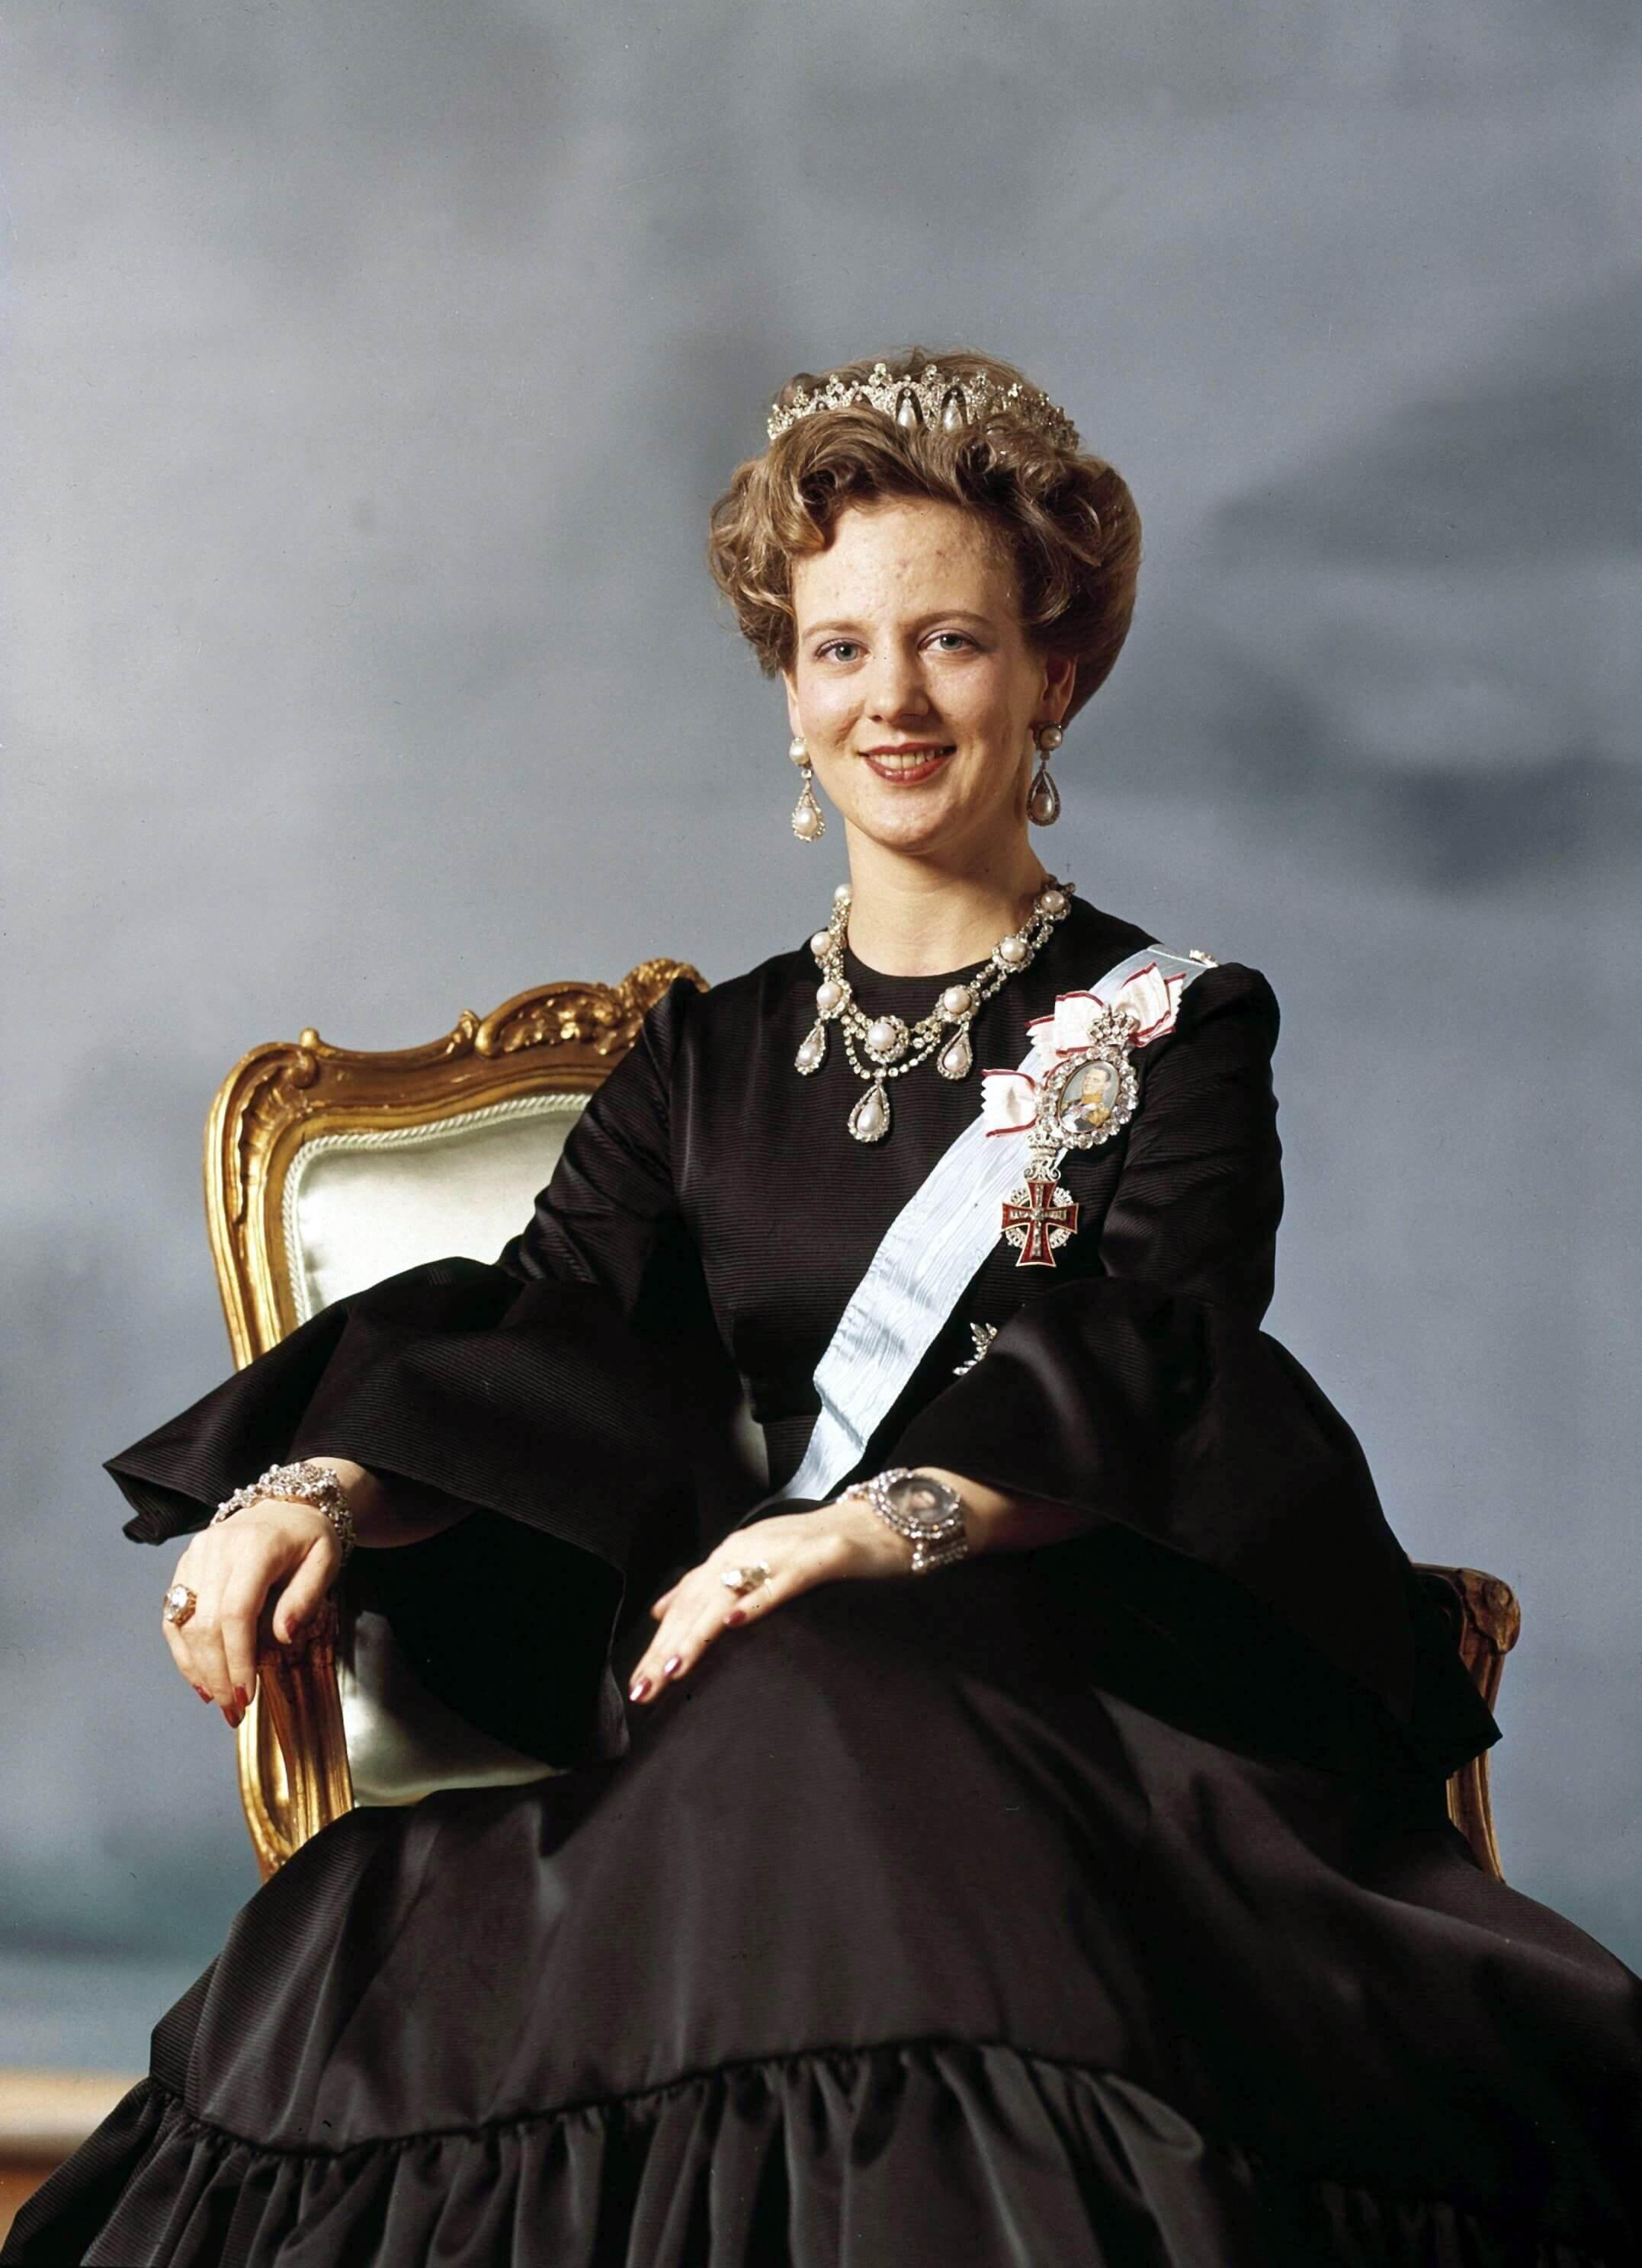 """Das erste offizielle Bild als Königin. Margrethe entscheidet sich bei ihrem Amtsantritt für den Wahlspruch: """"Gottes Hilfe – Die Liebe des Volkes – Dänemarks Stärke.""""  © dpa"""